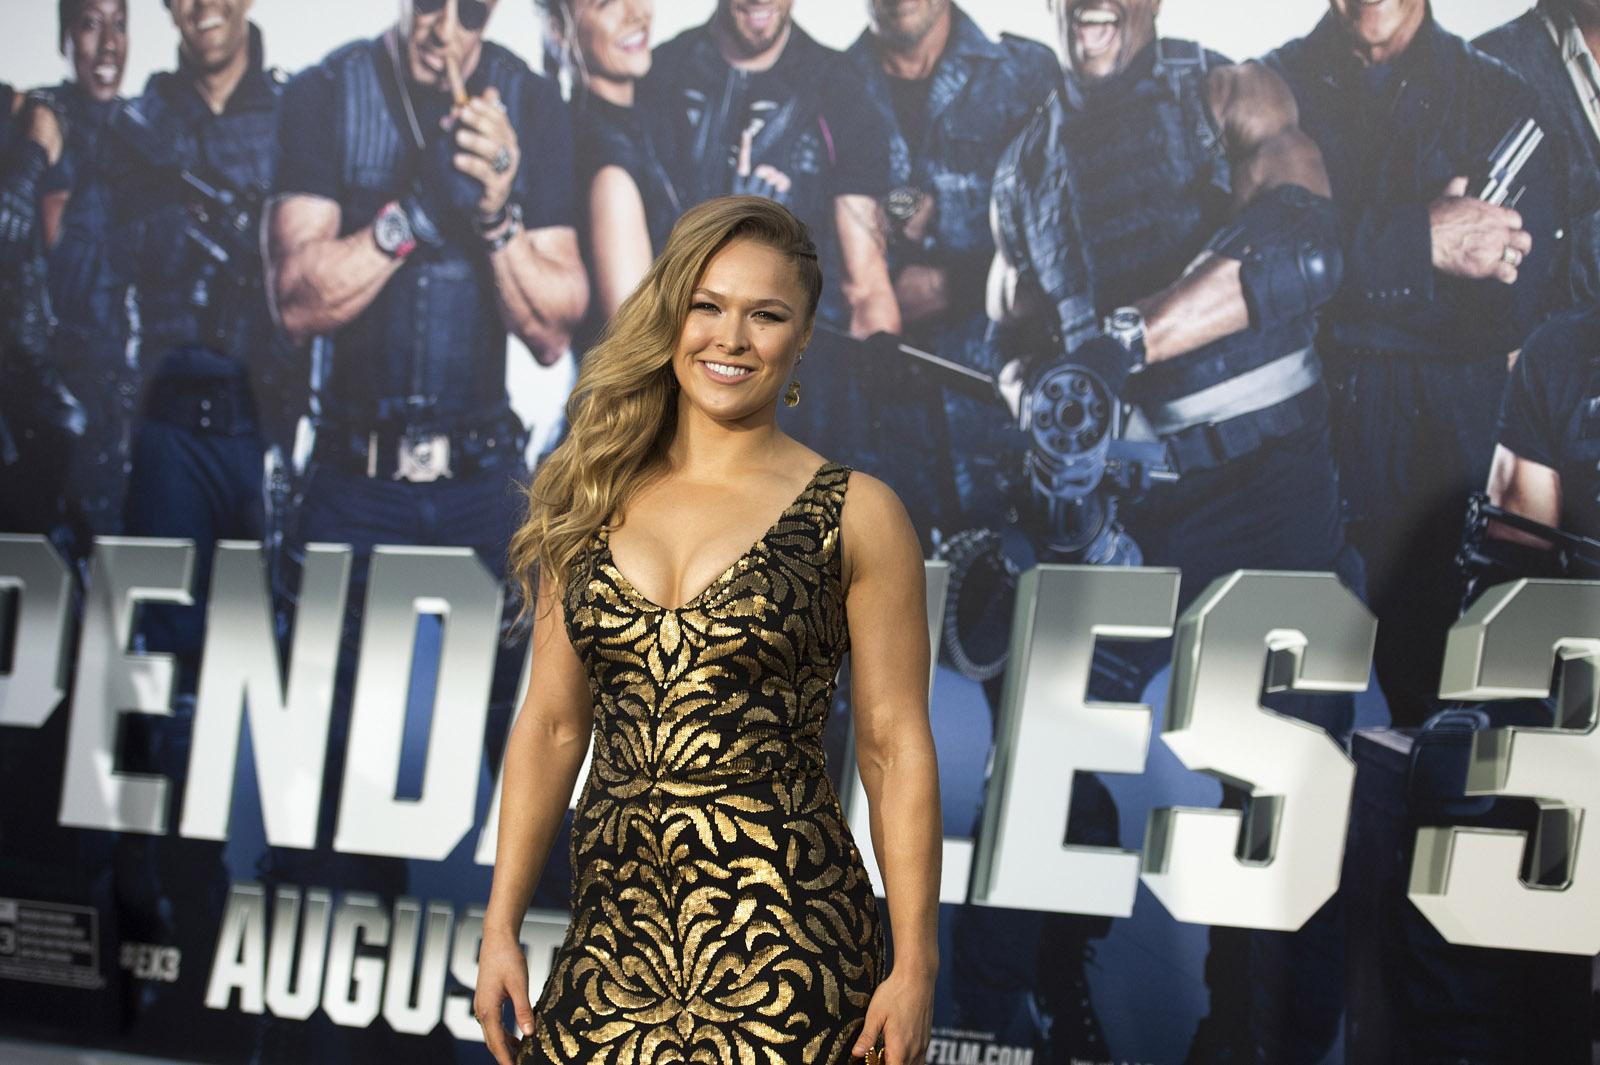 Ronda Rousey premiere Expandables 3